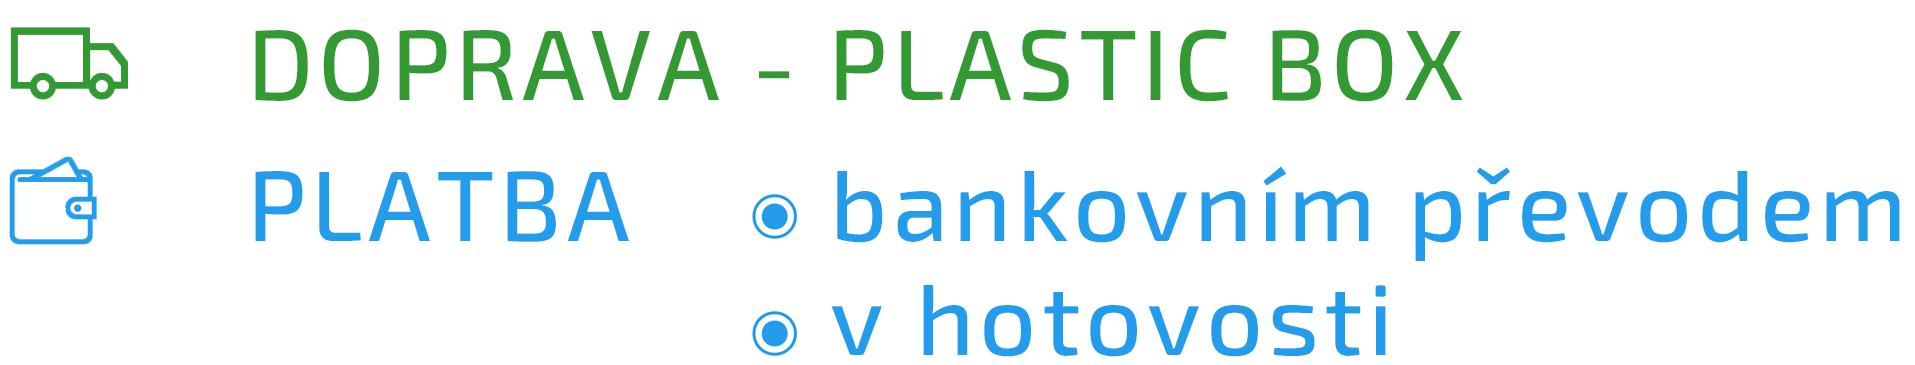 doprava_plasticbox_1